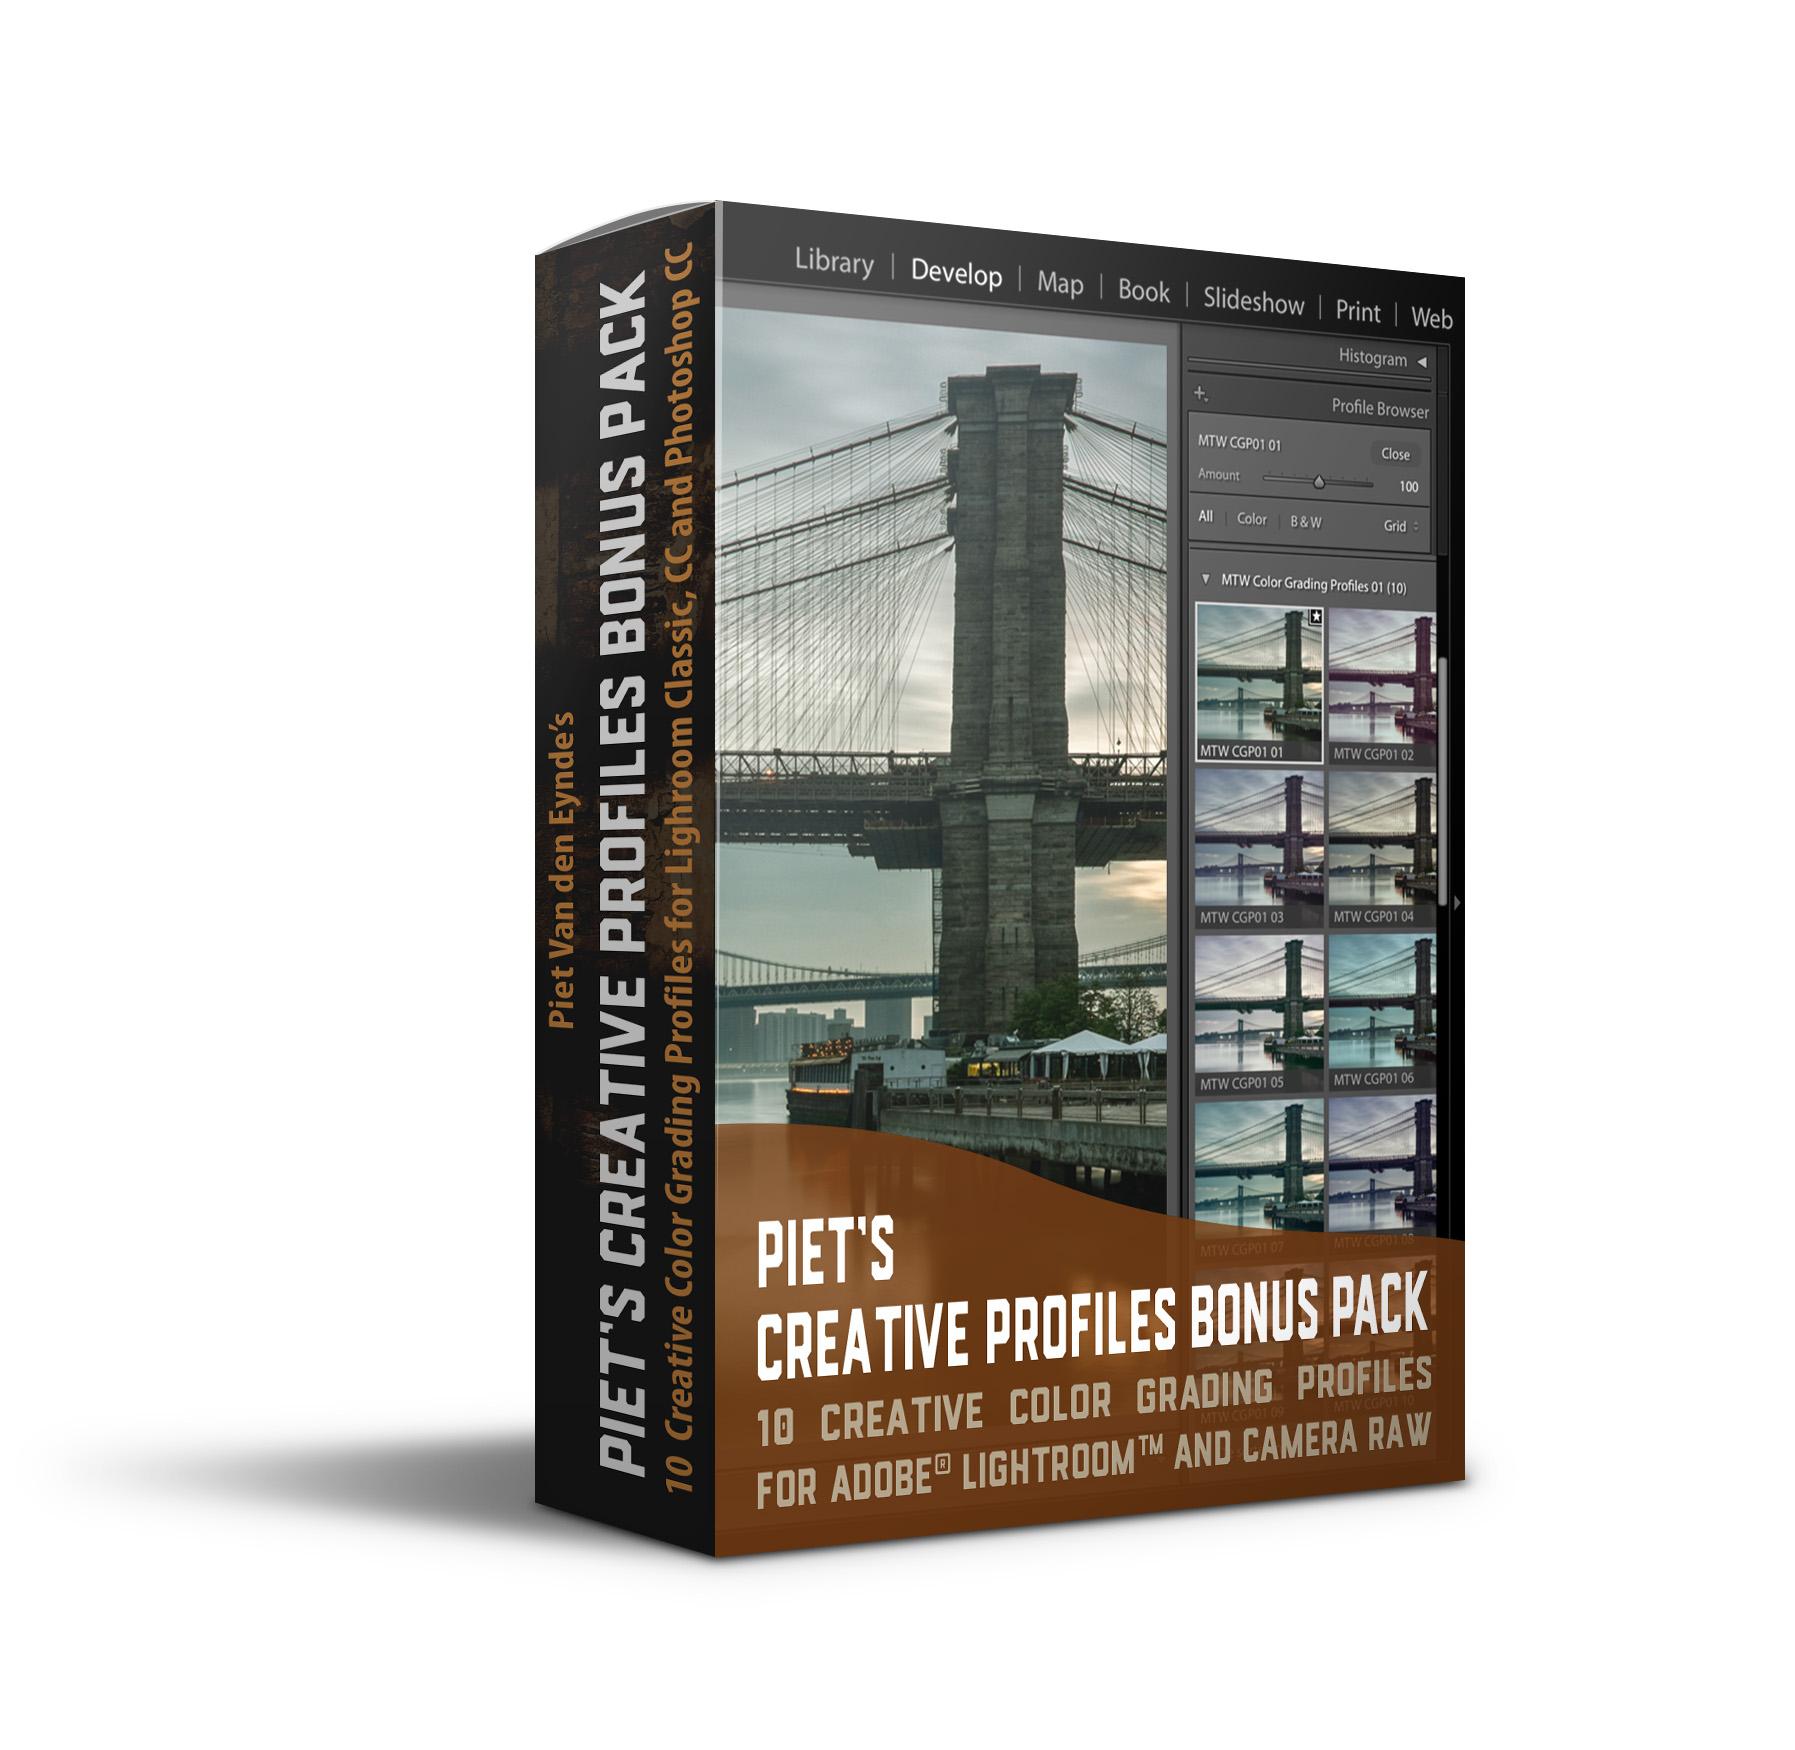 Extra bonus, GRATIS indien je de cursus aanschaft voor 28 februari - ✔︎ een set van 10 Creative Color Grading Profiles voor Lightroom Classic✔︎ honderden mogelijkheden dank zij Lightroom's Hoeveelheid schuifregelaar